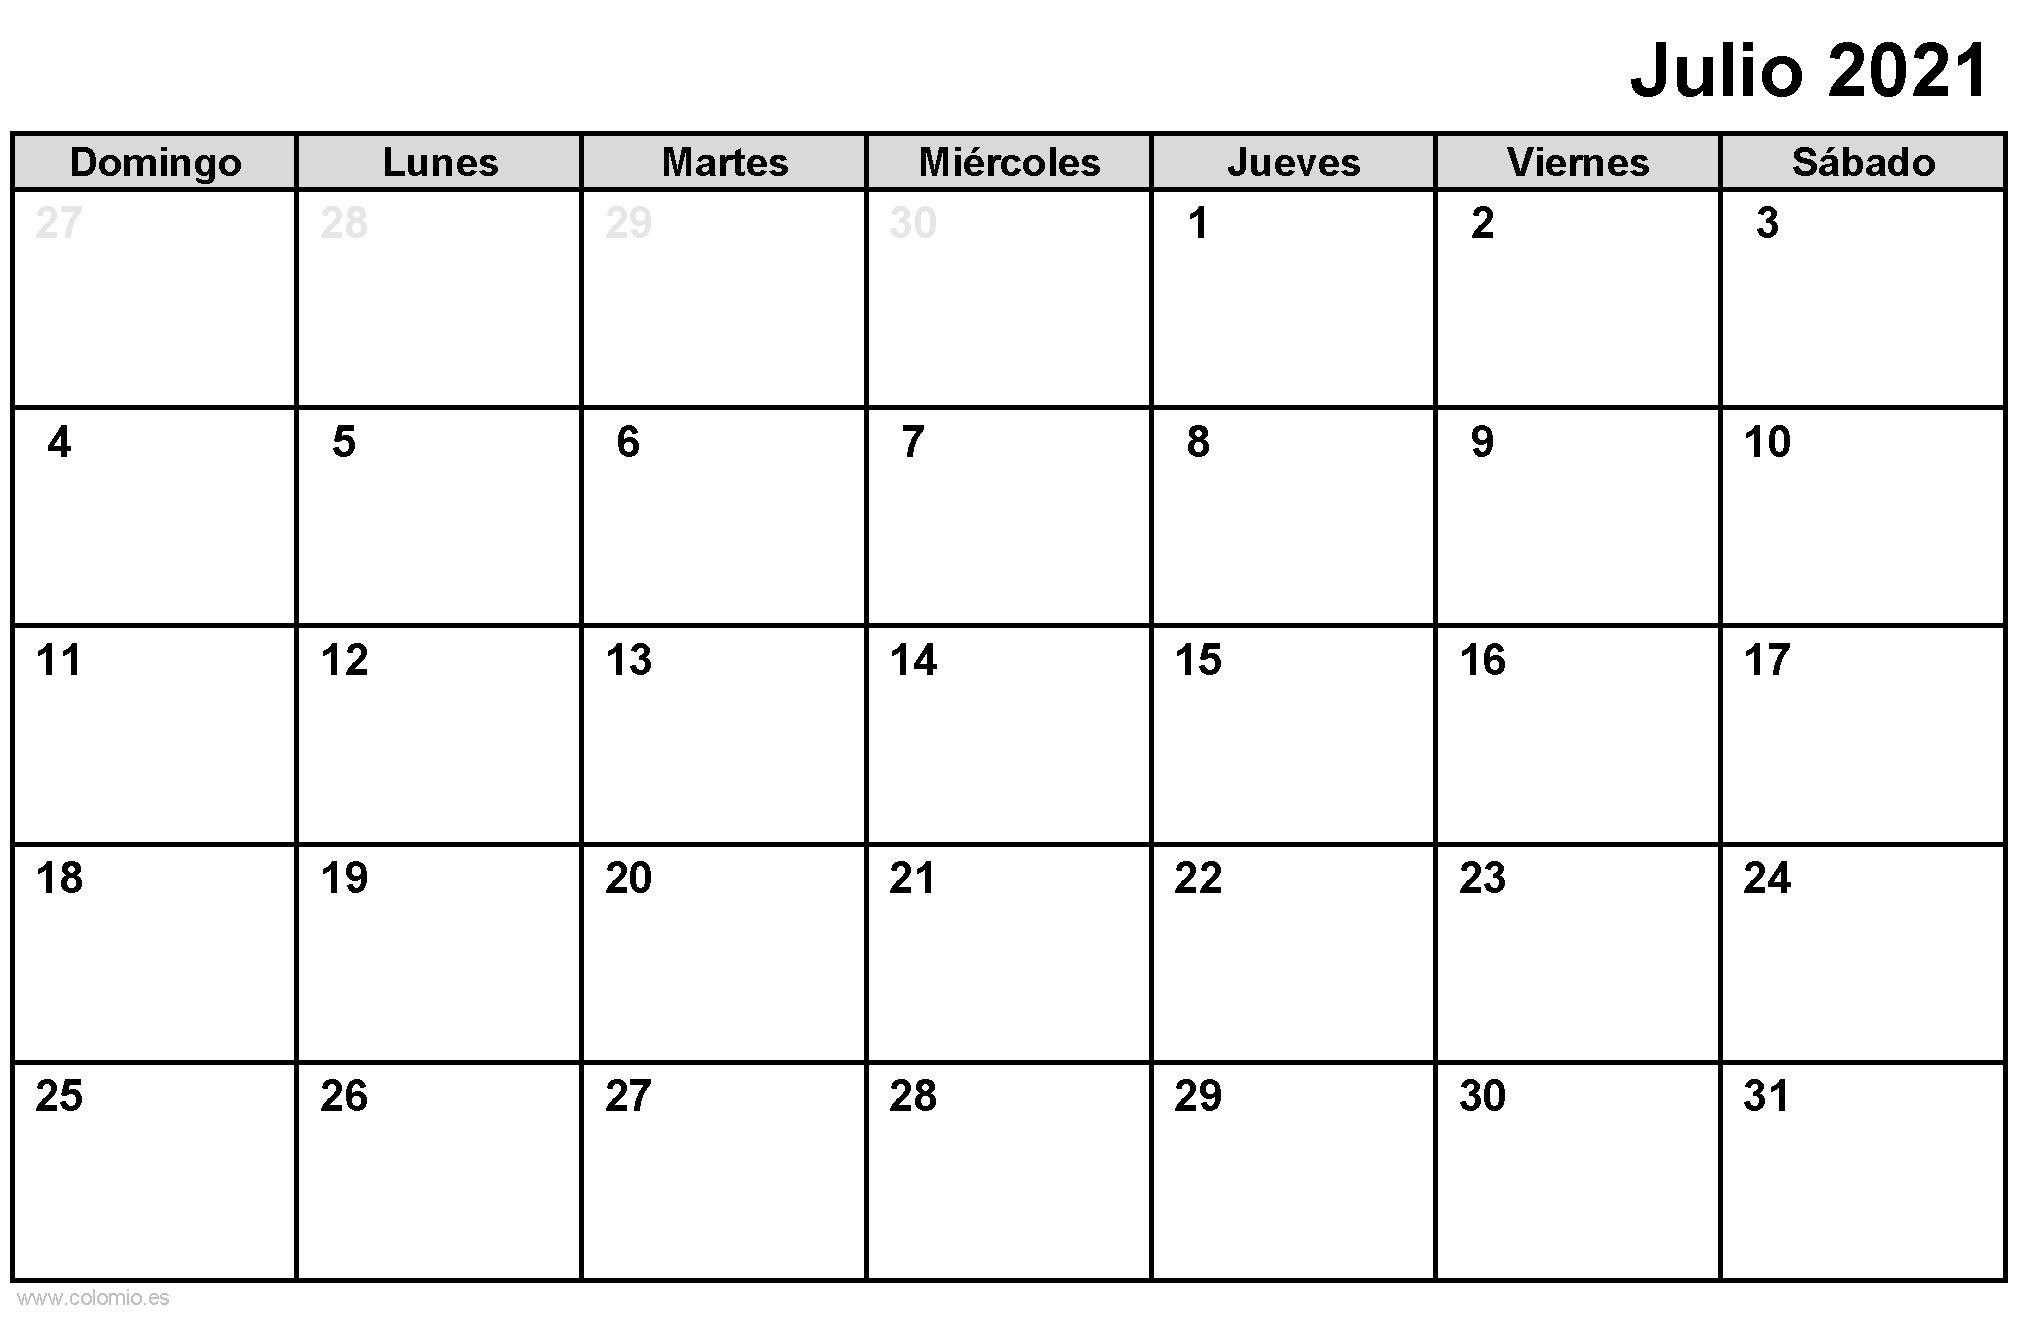 Calendario Julio 2021 para imprimir